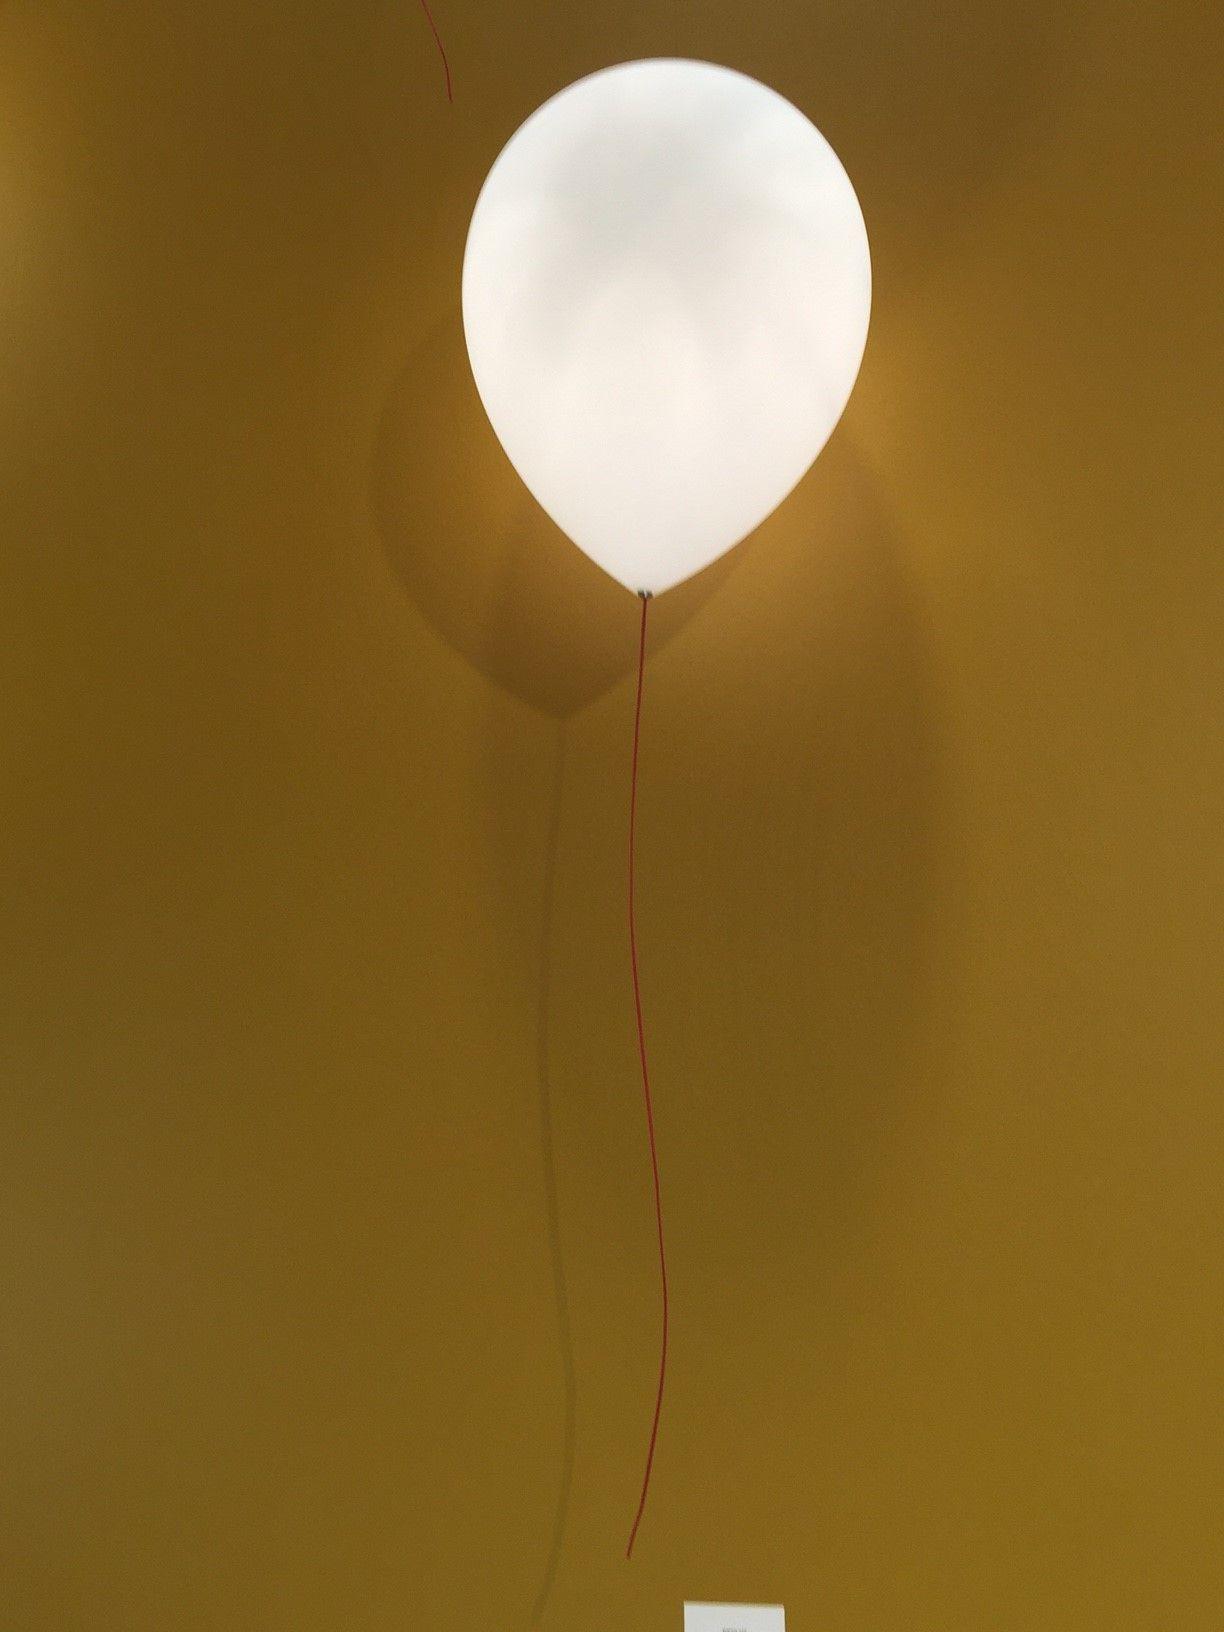 Ballon Applique Murale Fournit Une Lumiere Directe Indirecte Le Diffuseur Est Realise En Polyethy Eclairage Chambre Applique Murale Chambre Veilleuse Murale